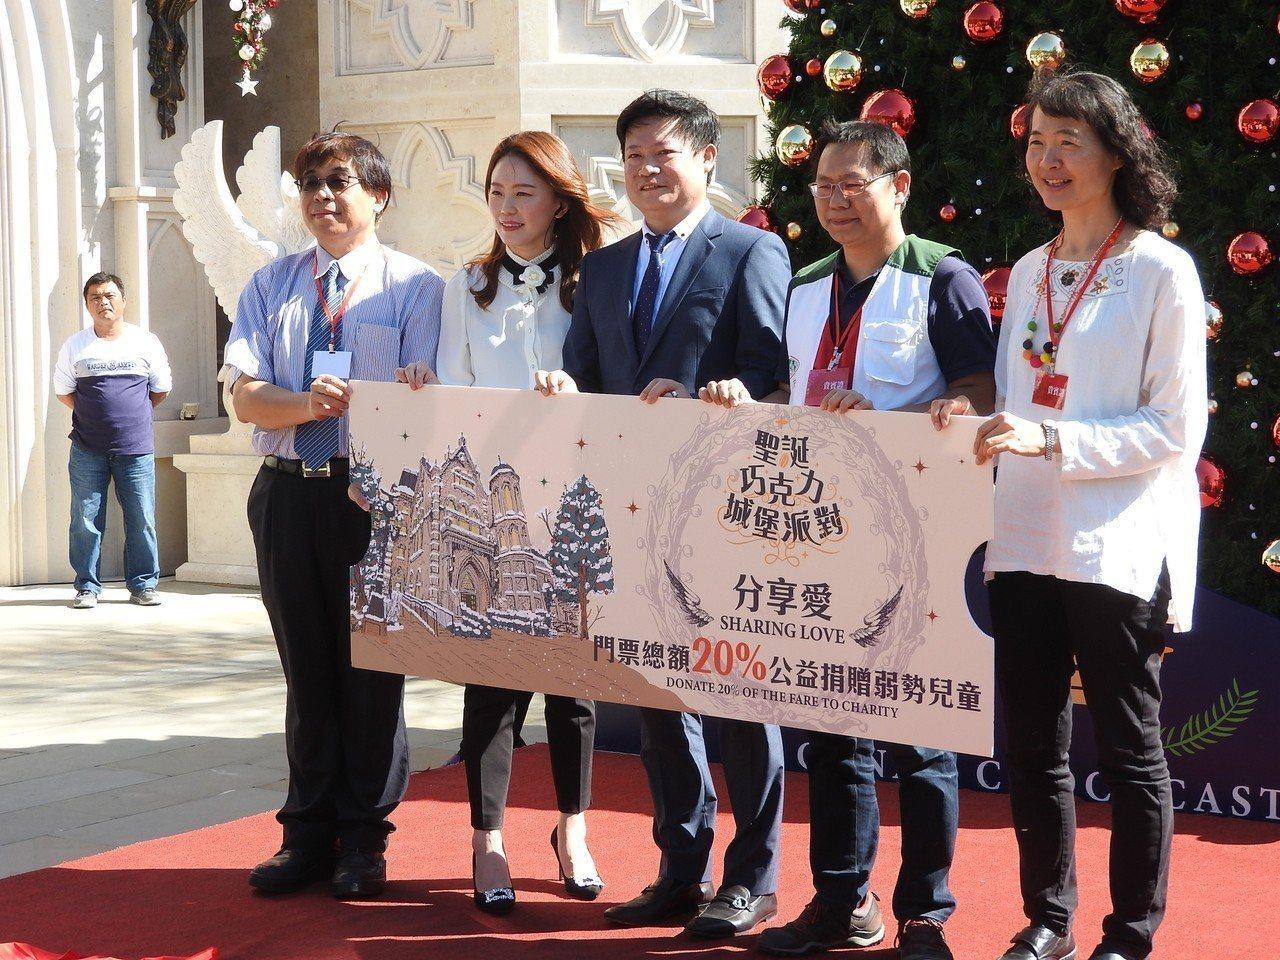 妮娜巧克力夢想城堡魏振宇(中)和妻子張承惠( 左2)要將耶誕期間部分營收捐助弱勢...